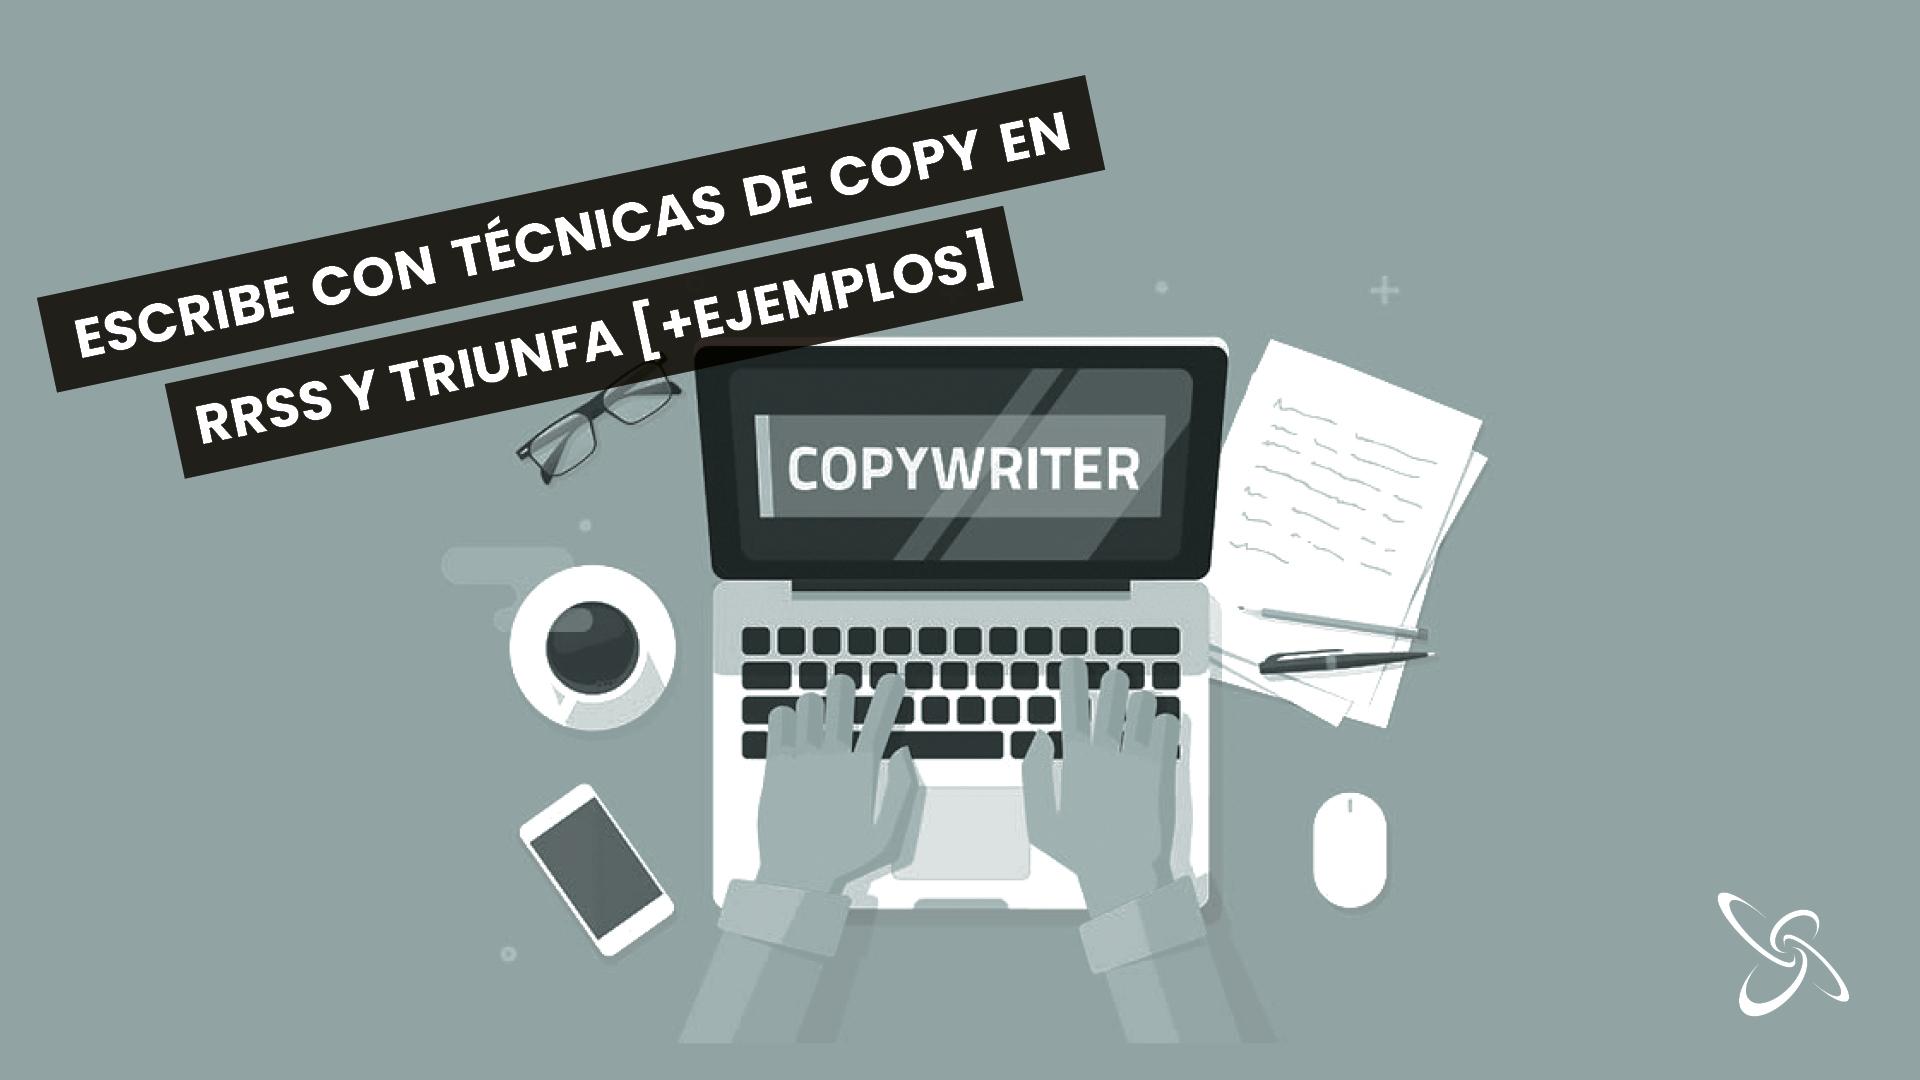 Escribe con técnicas de copywriting en redes sociales y triunfa